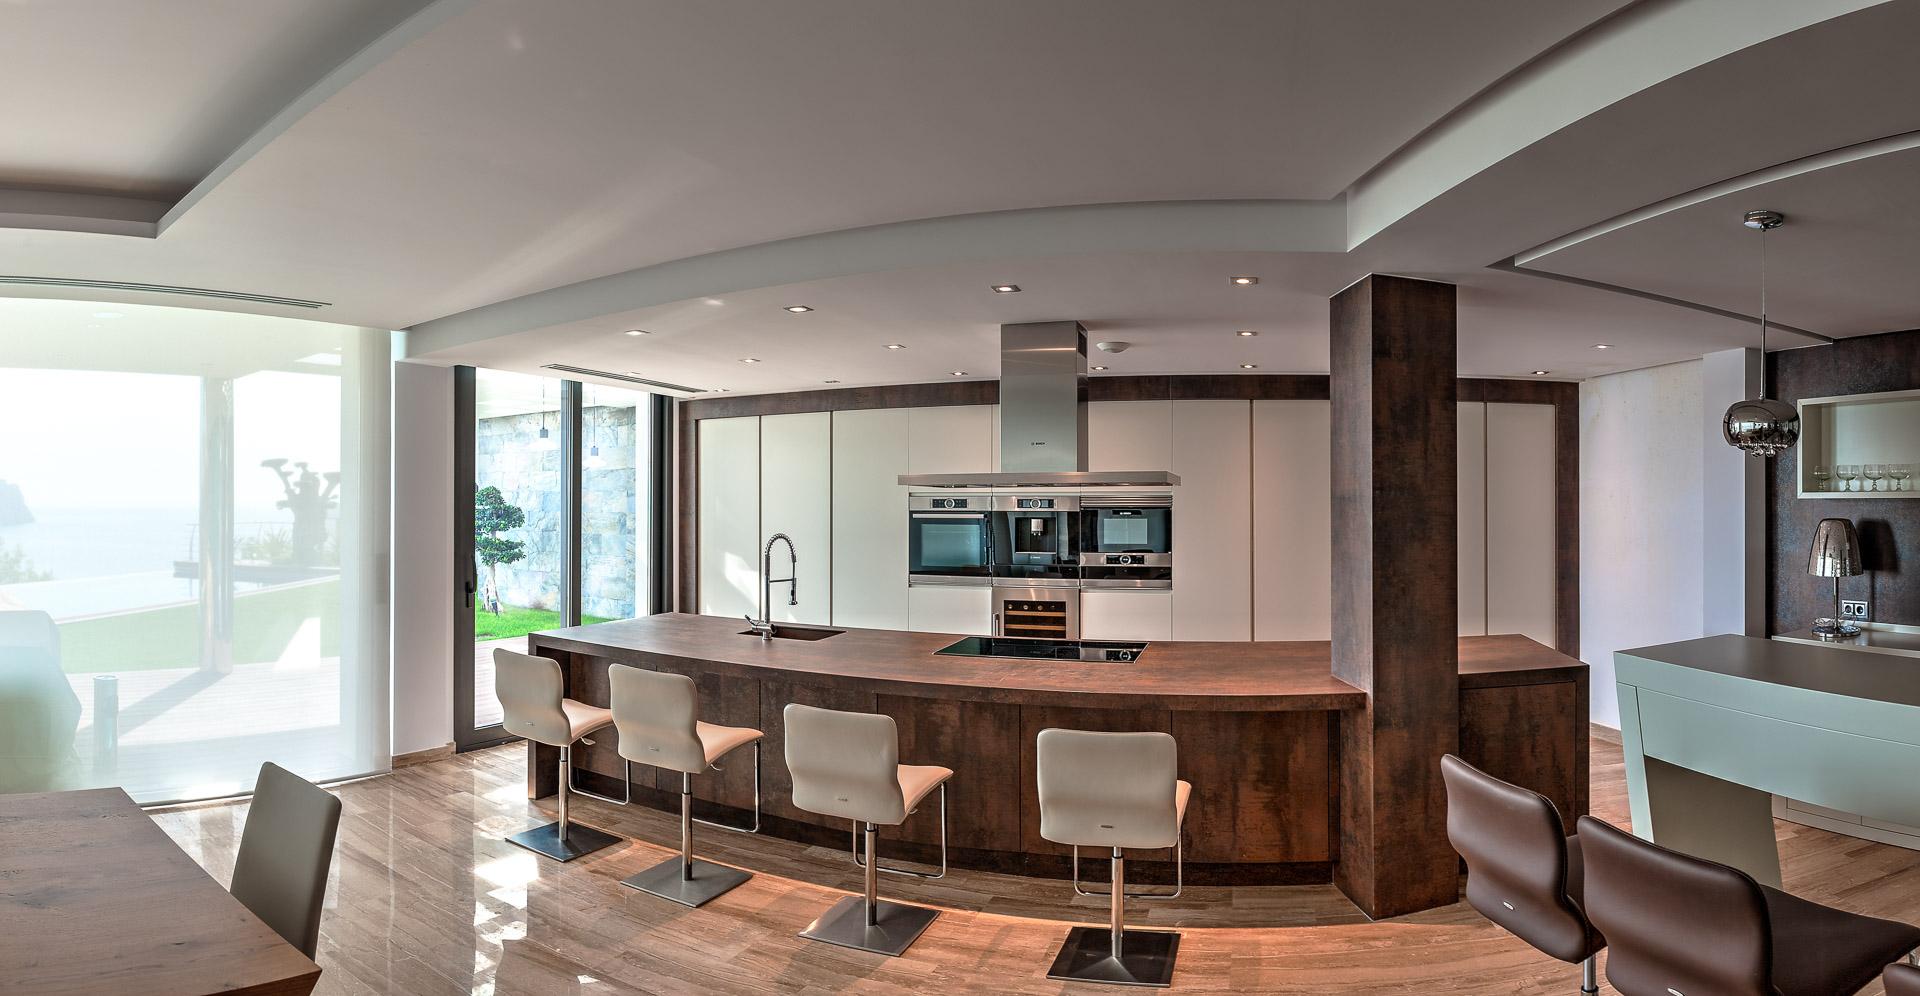 Muebles de cocina a medida en valencia fabricante de - Muebles de cocina en valencia ...